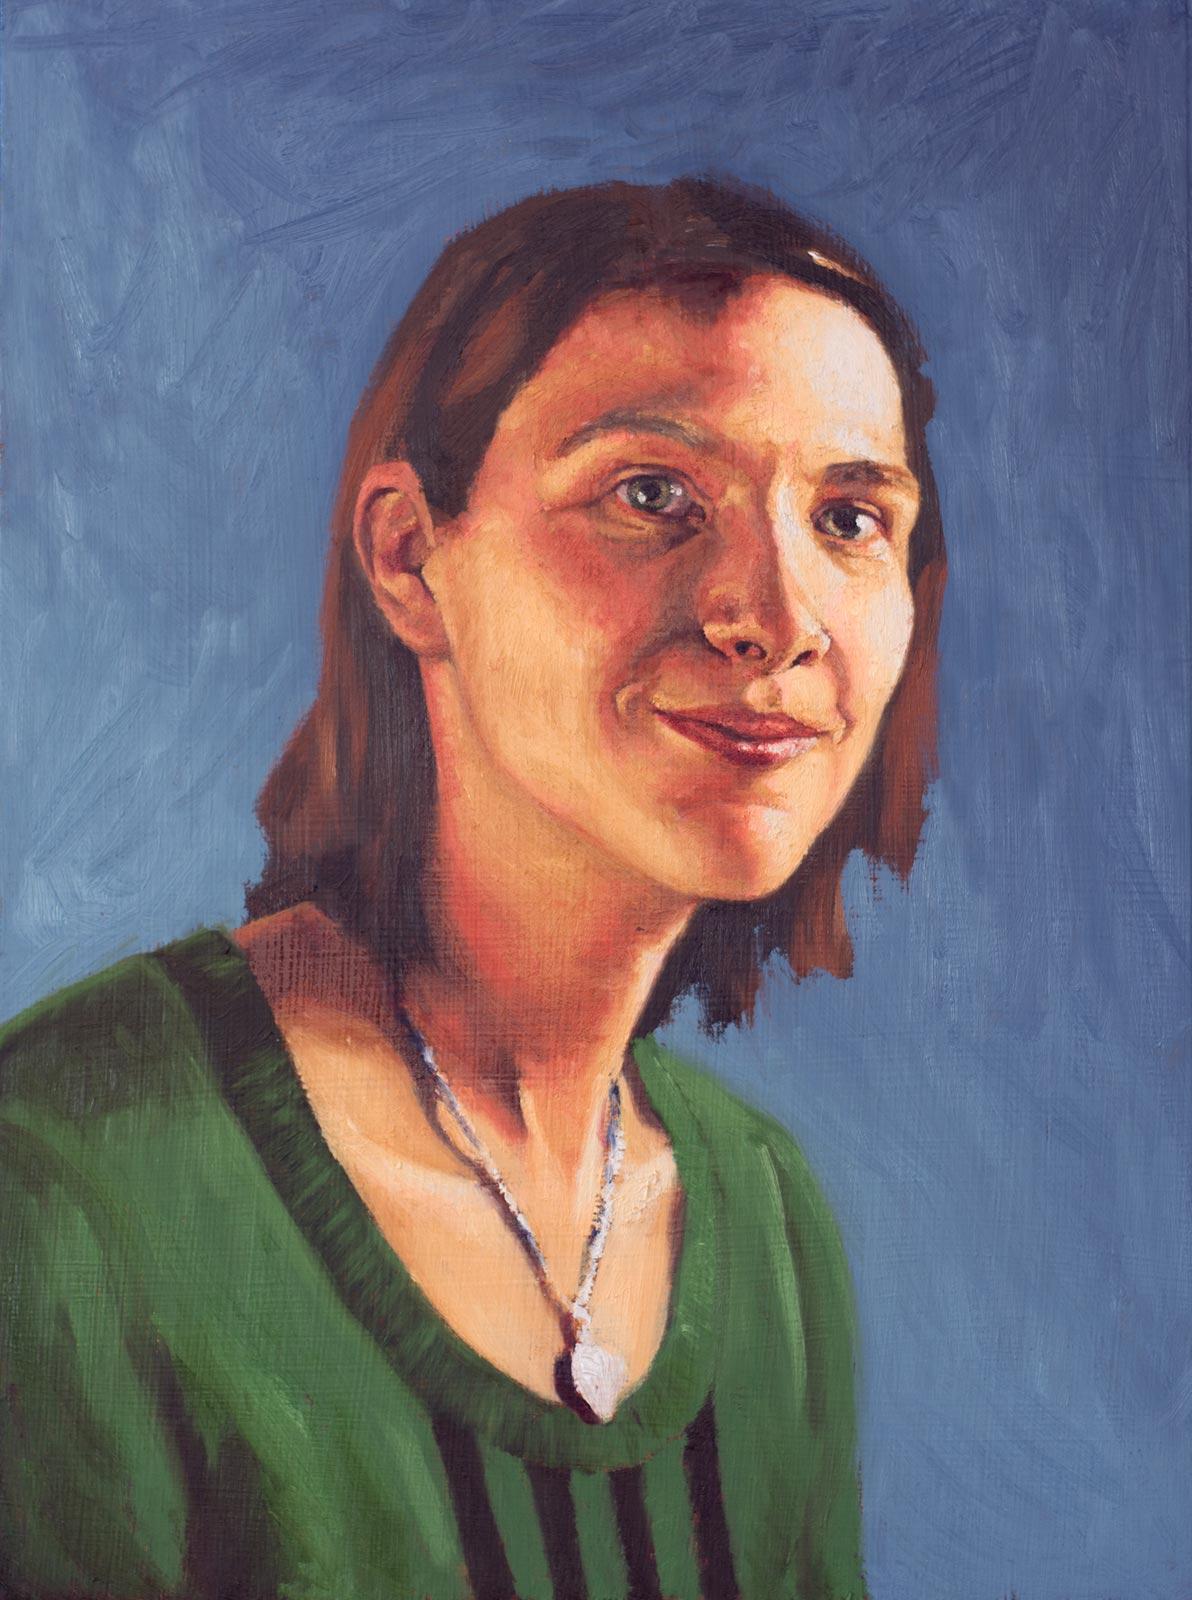 Portrait of Tabby (in progress)